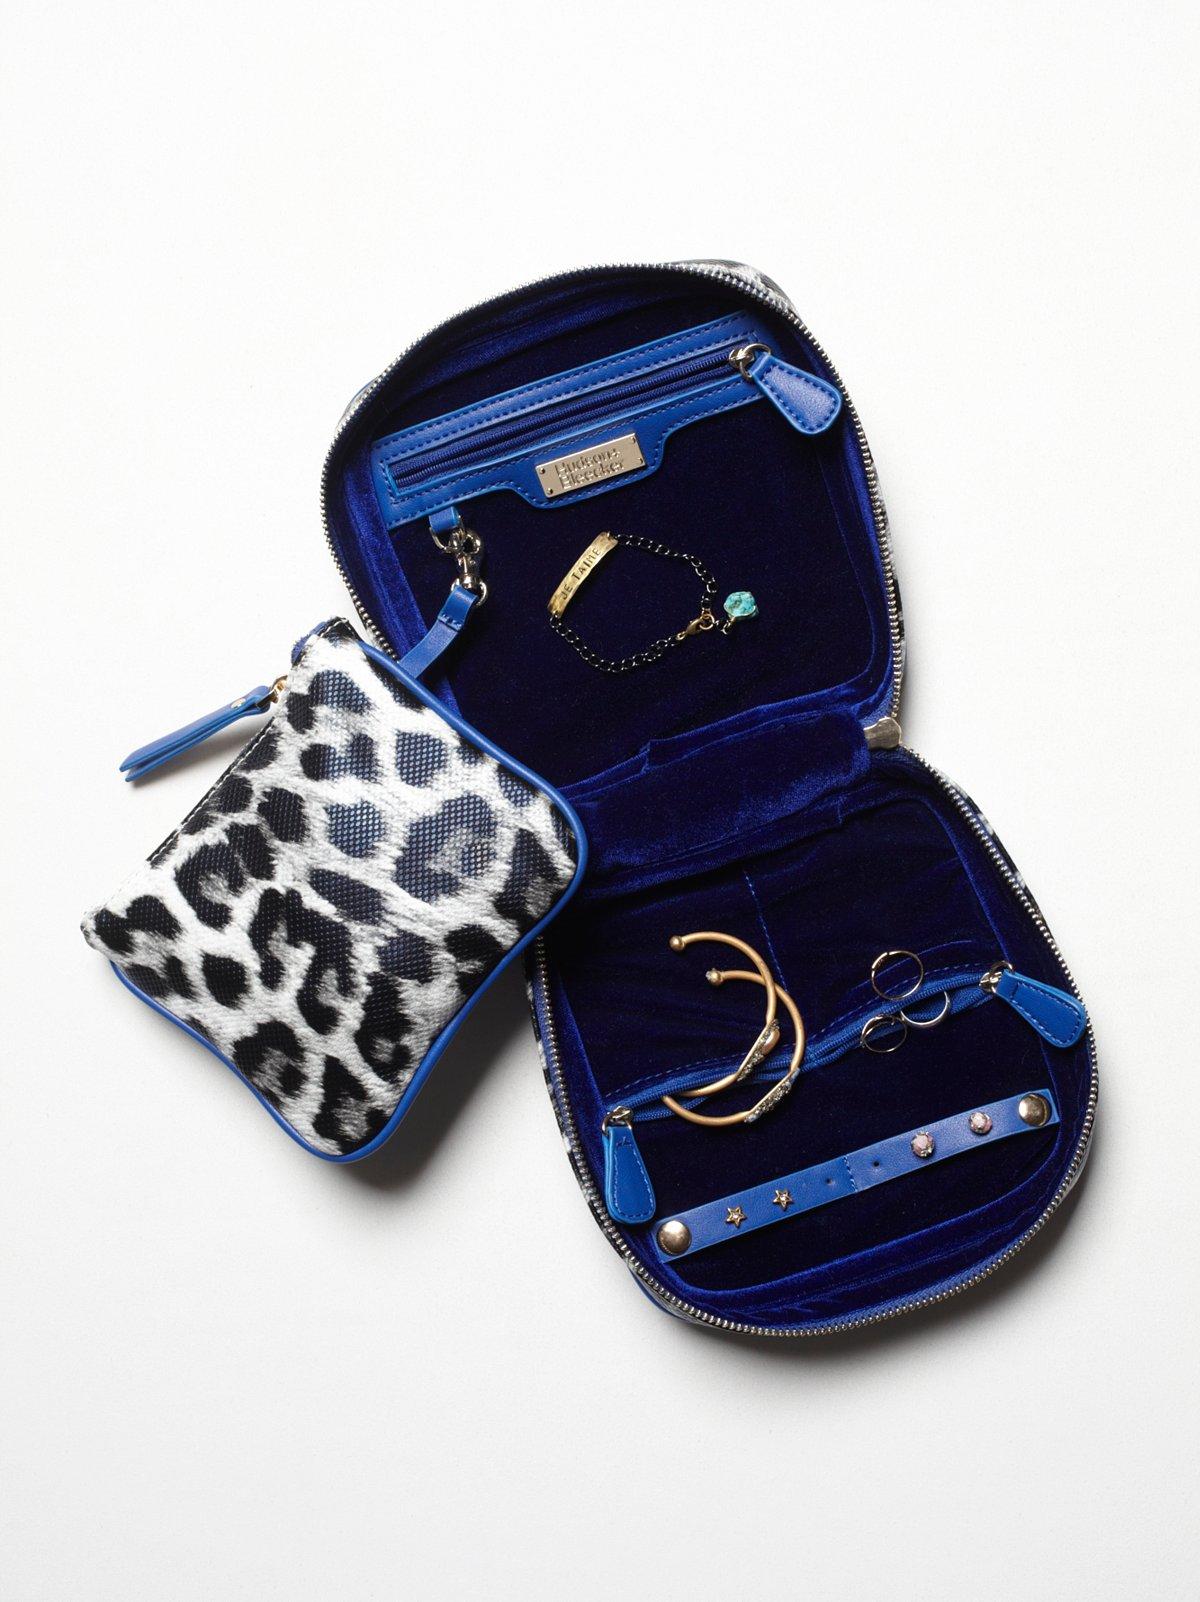 Jewelry Travel Case